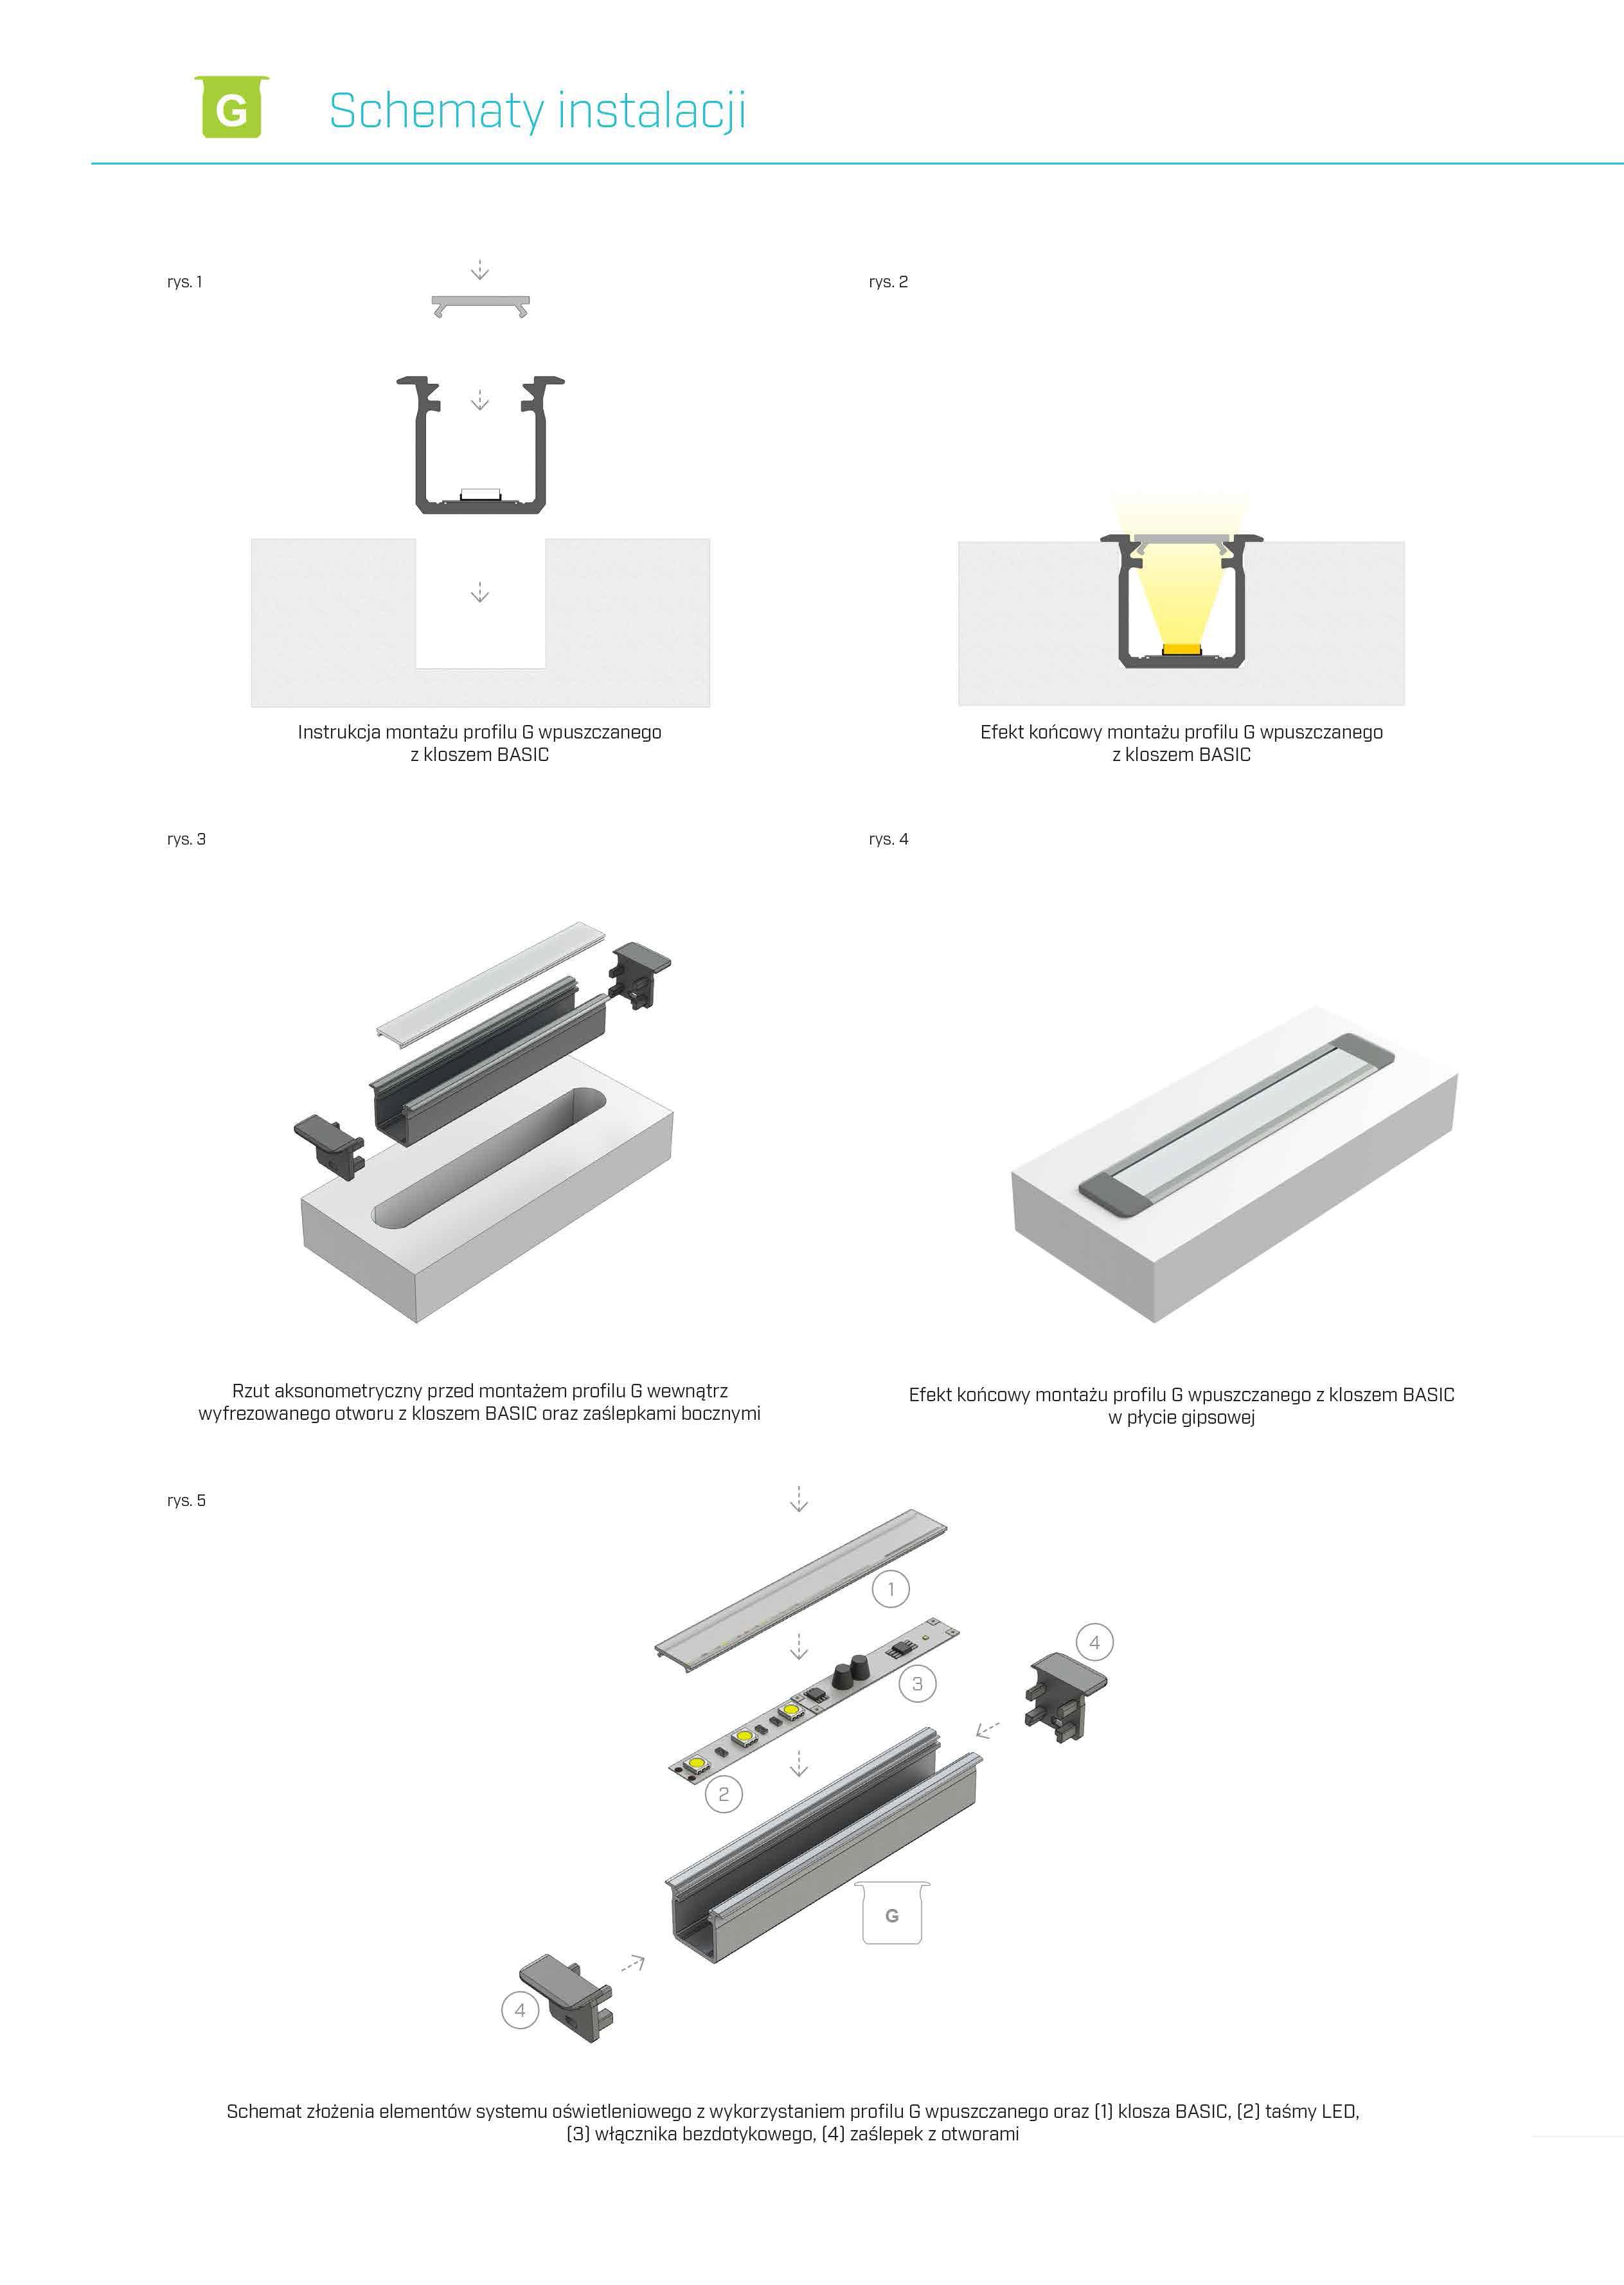 montaż profili typu G lumines